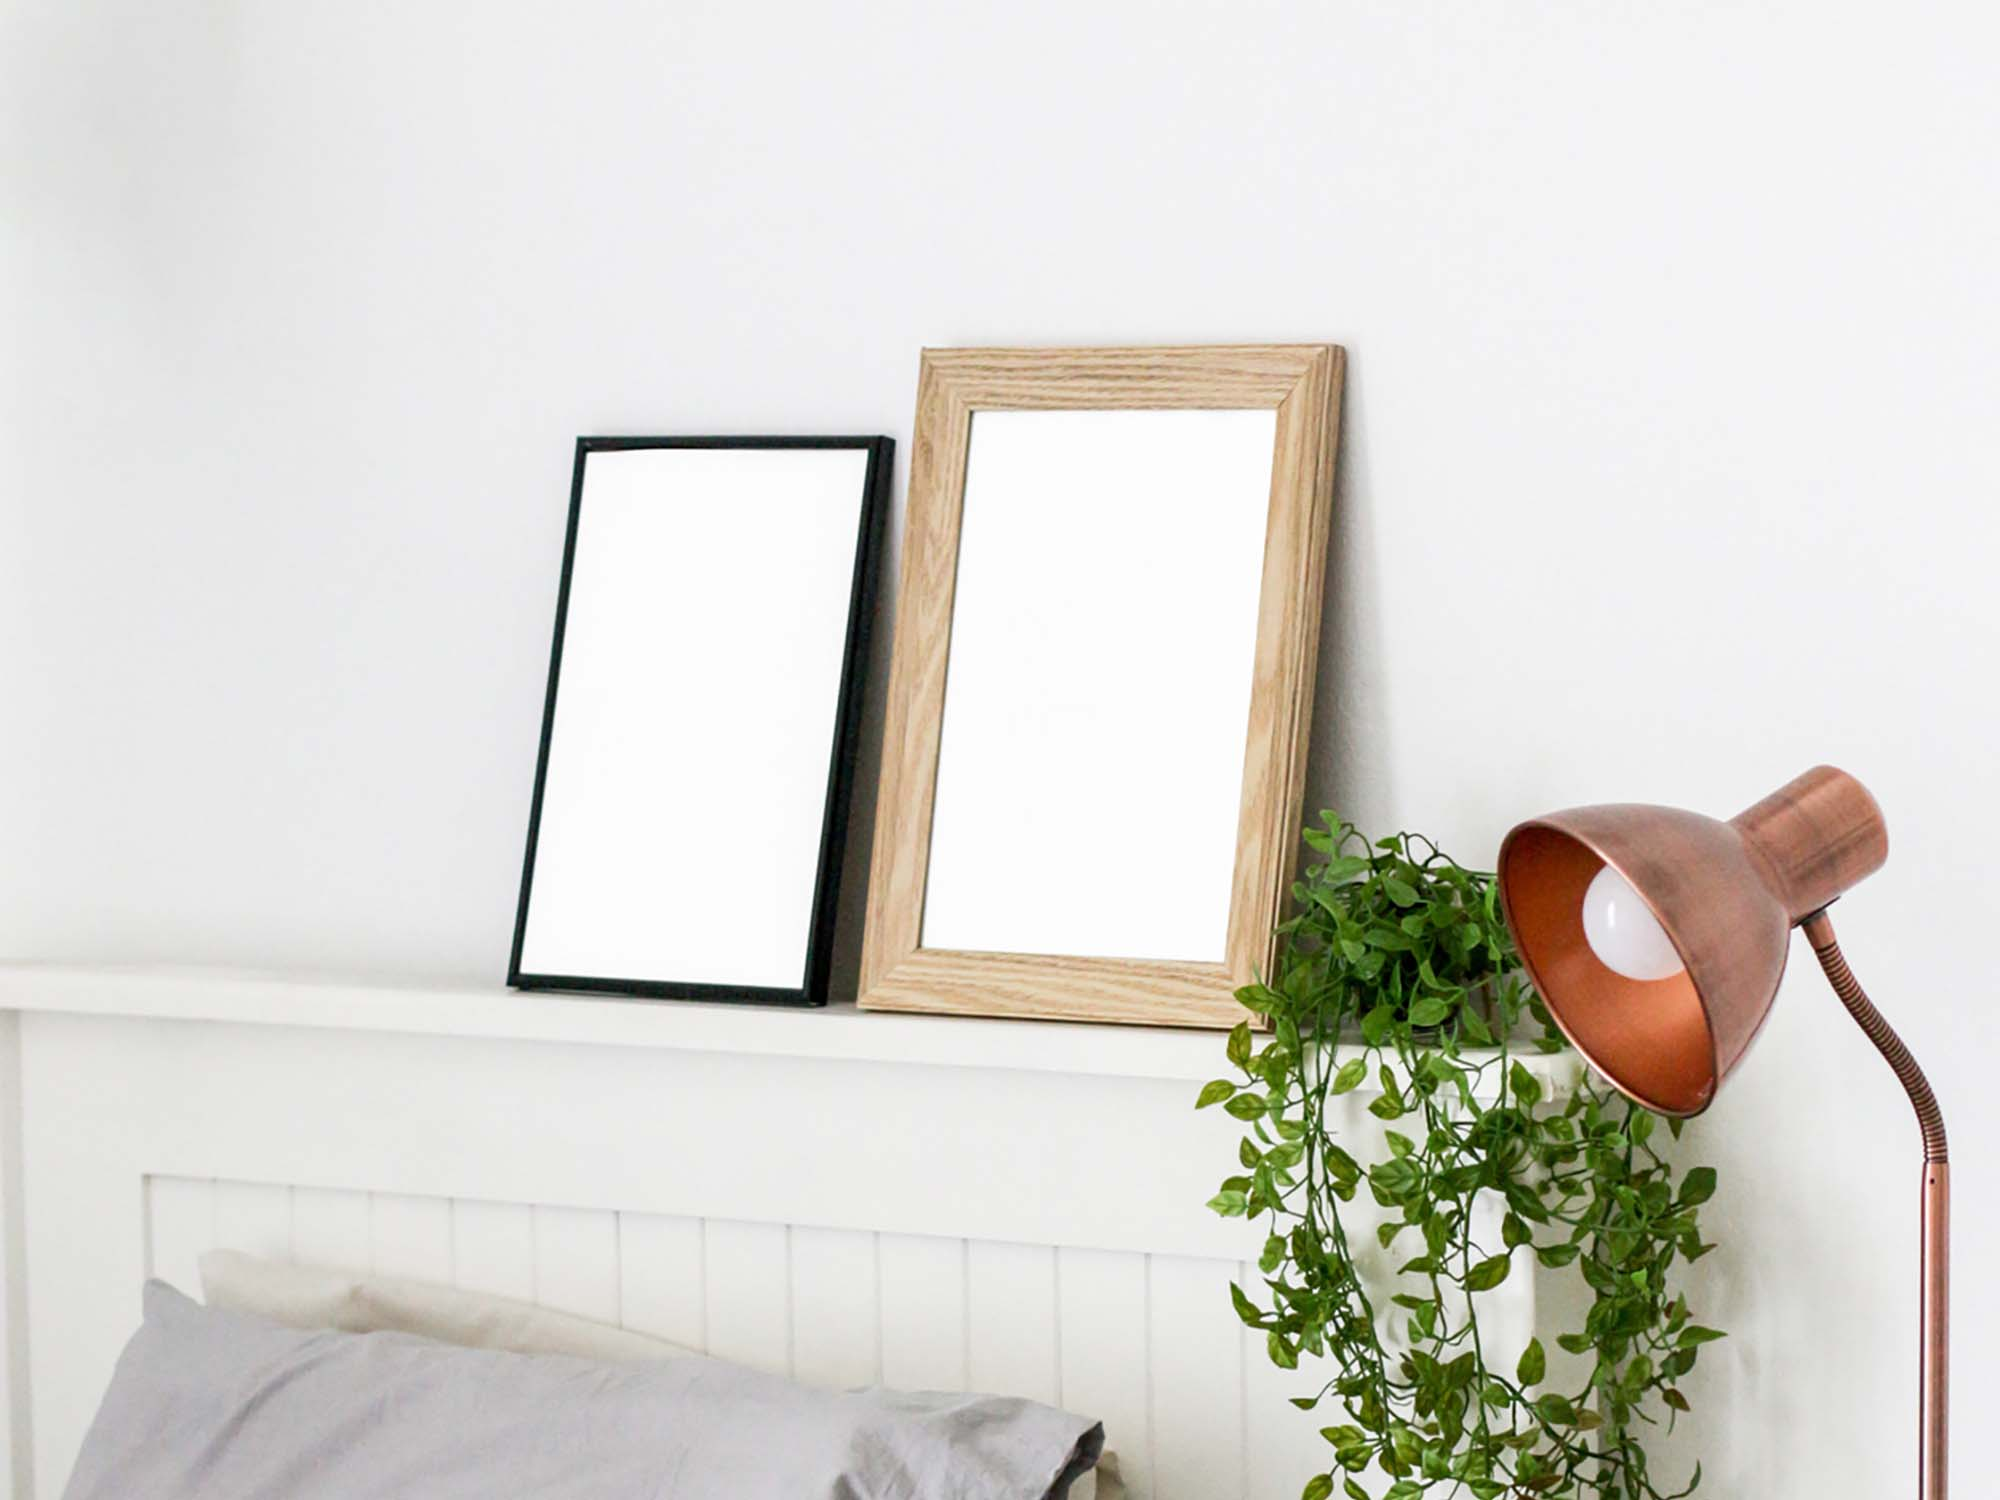 Frames in Bedroom Mockup 2